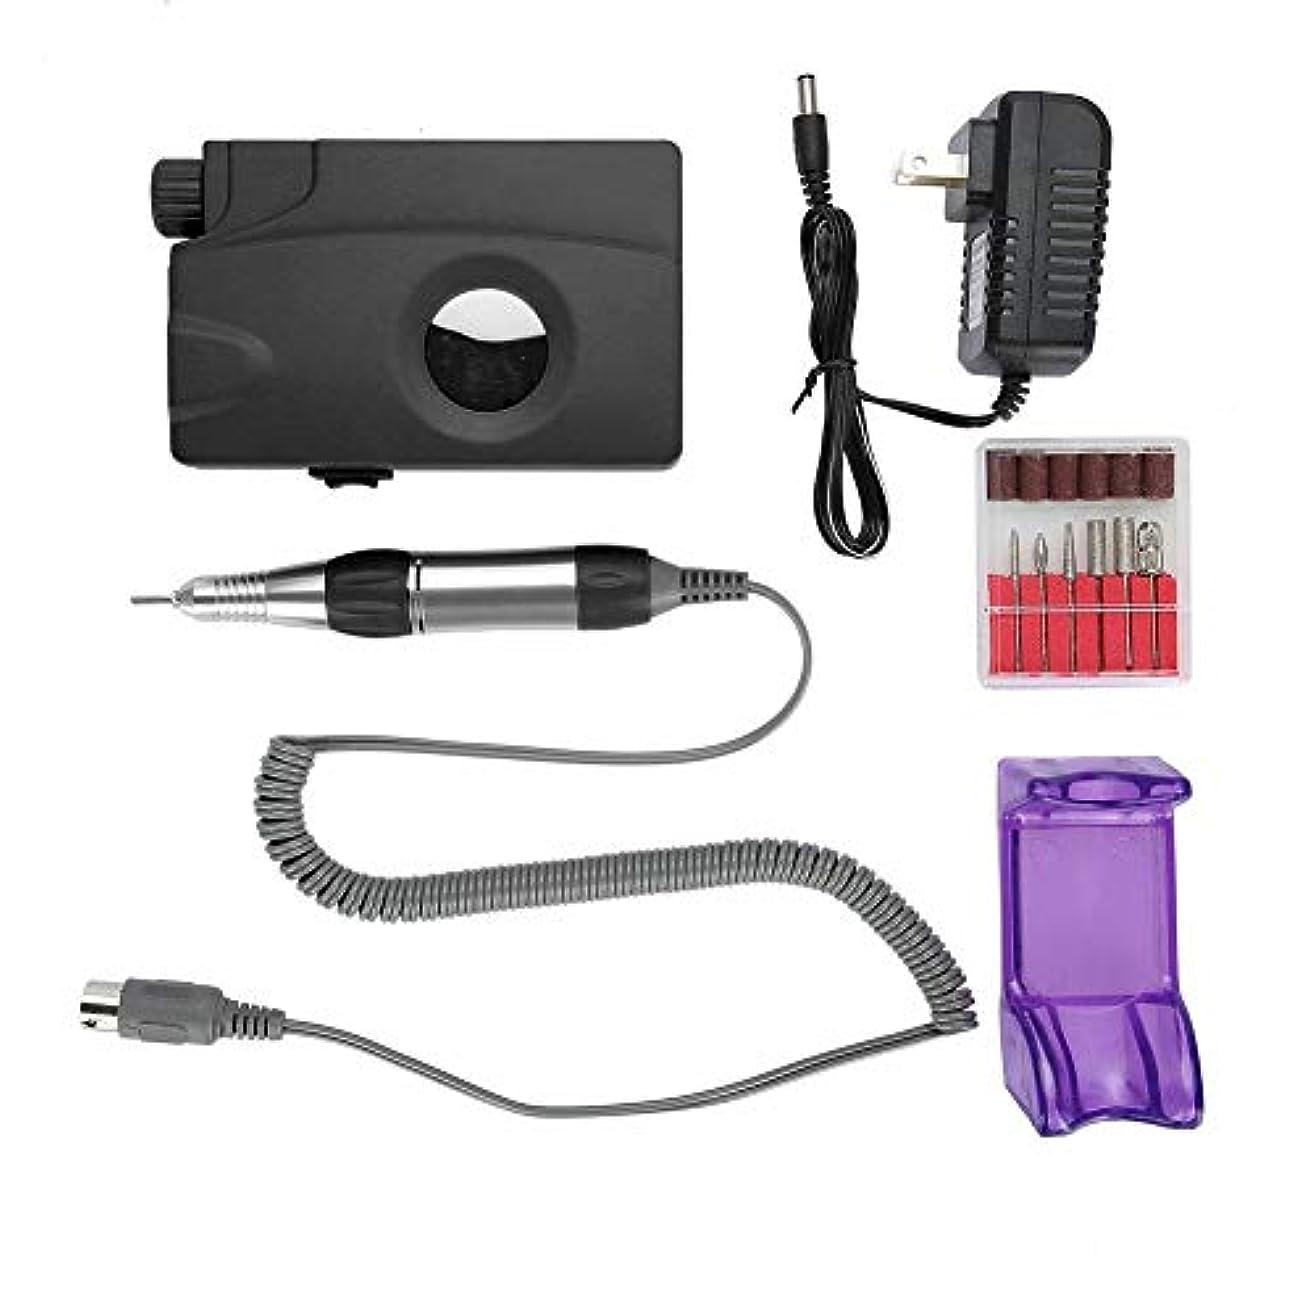 クラシカル一部母性ミニポータブル充電式電気ネイルドリルキット(USプラグ)